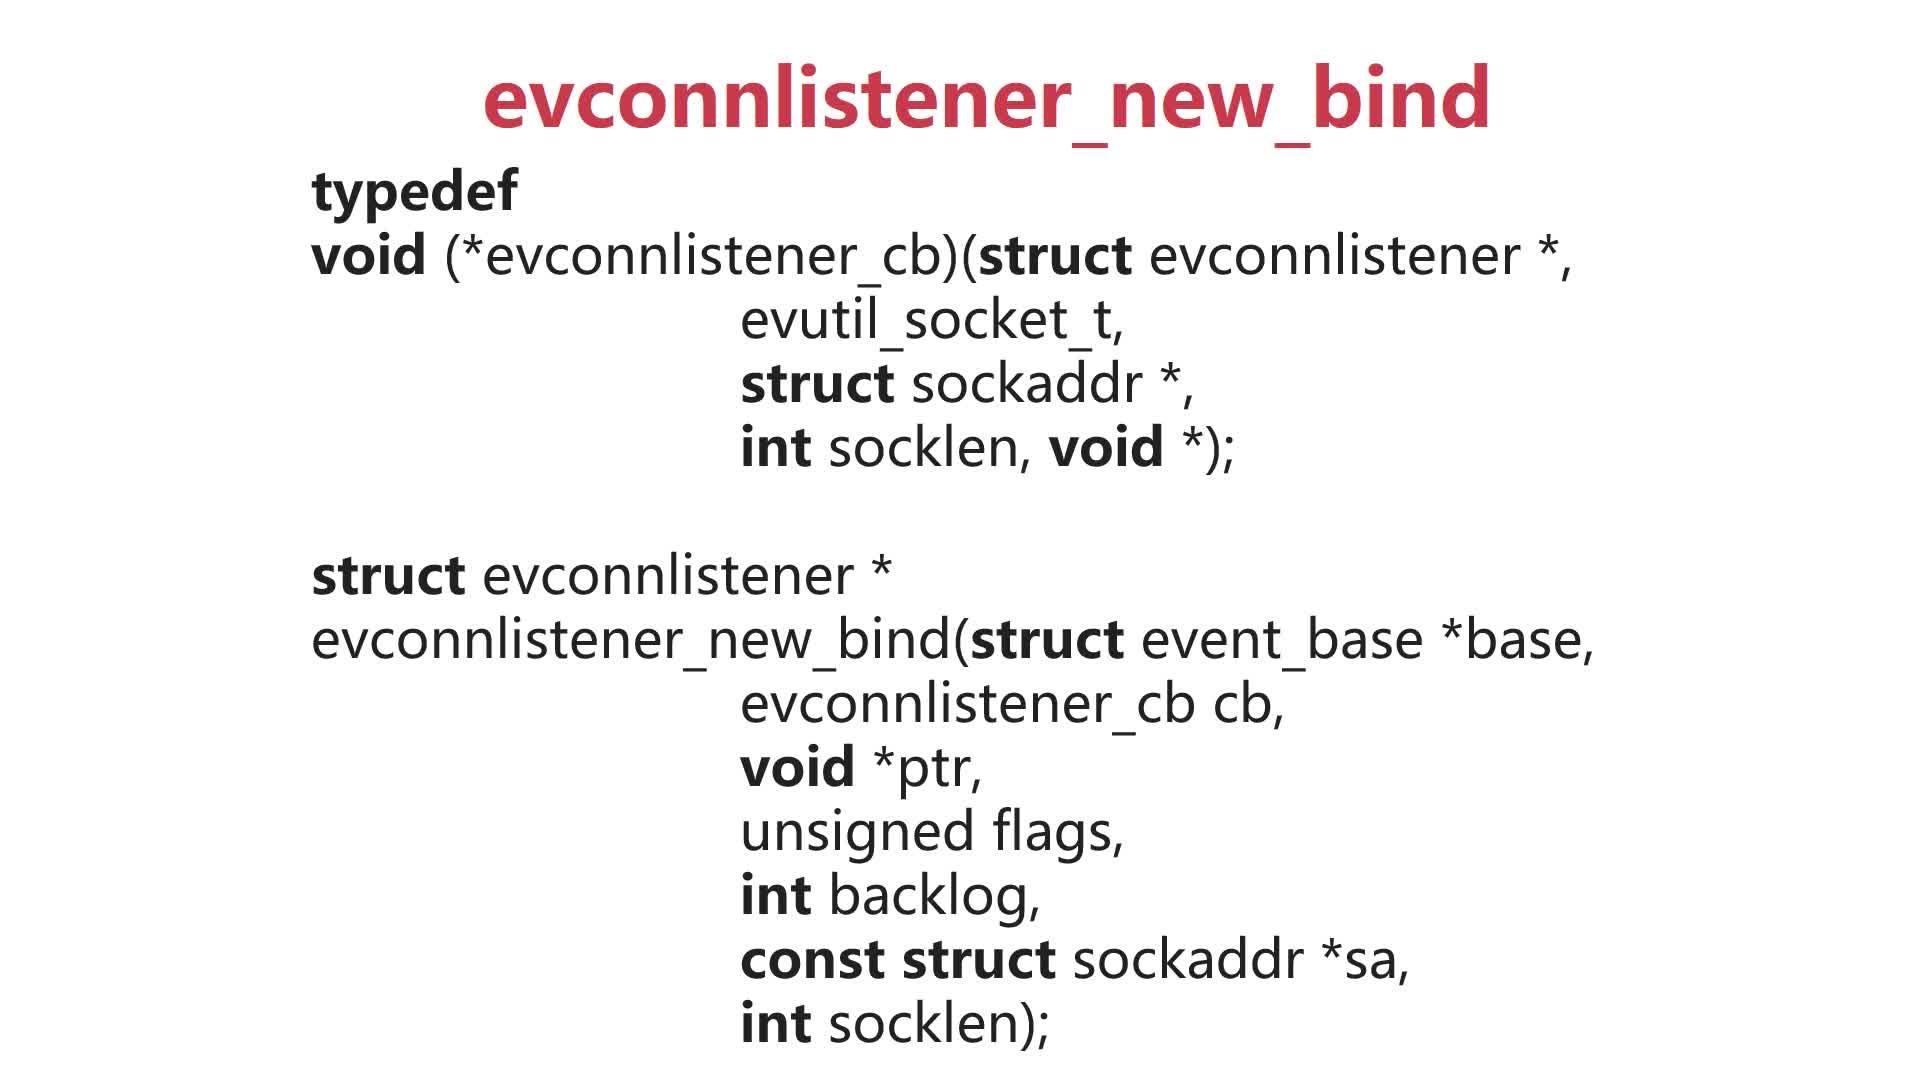 evconnlistener_new_bind